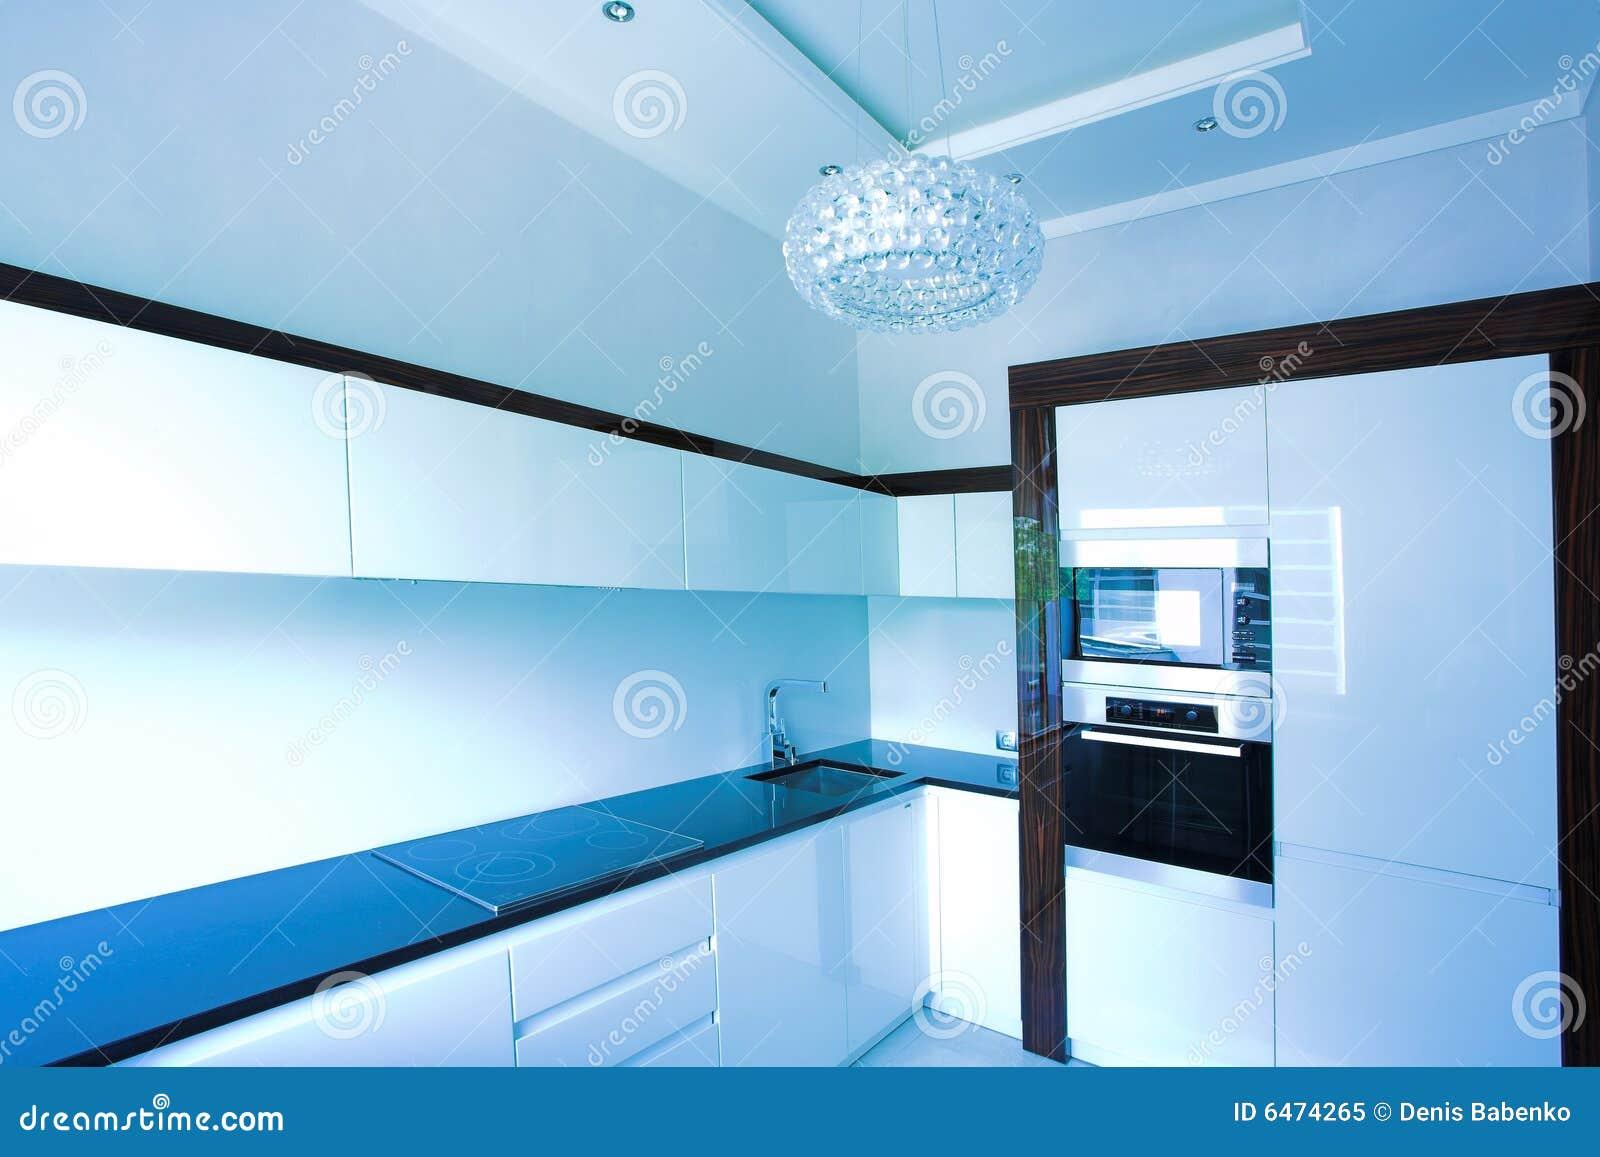 Blauwe Keuken Binnenlandse Hoek Royalty-vrije Stock Foto ...